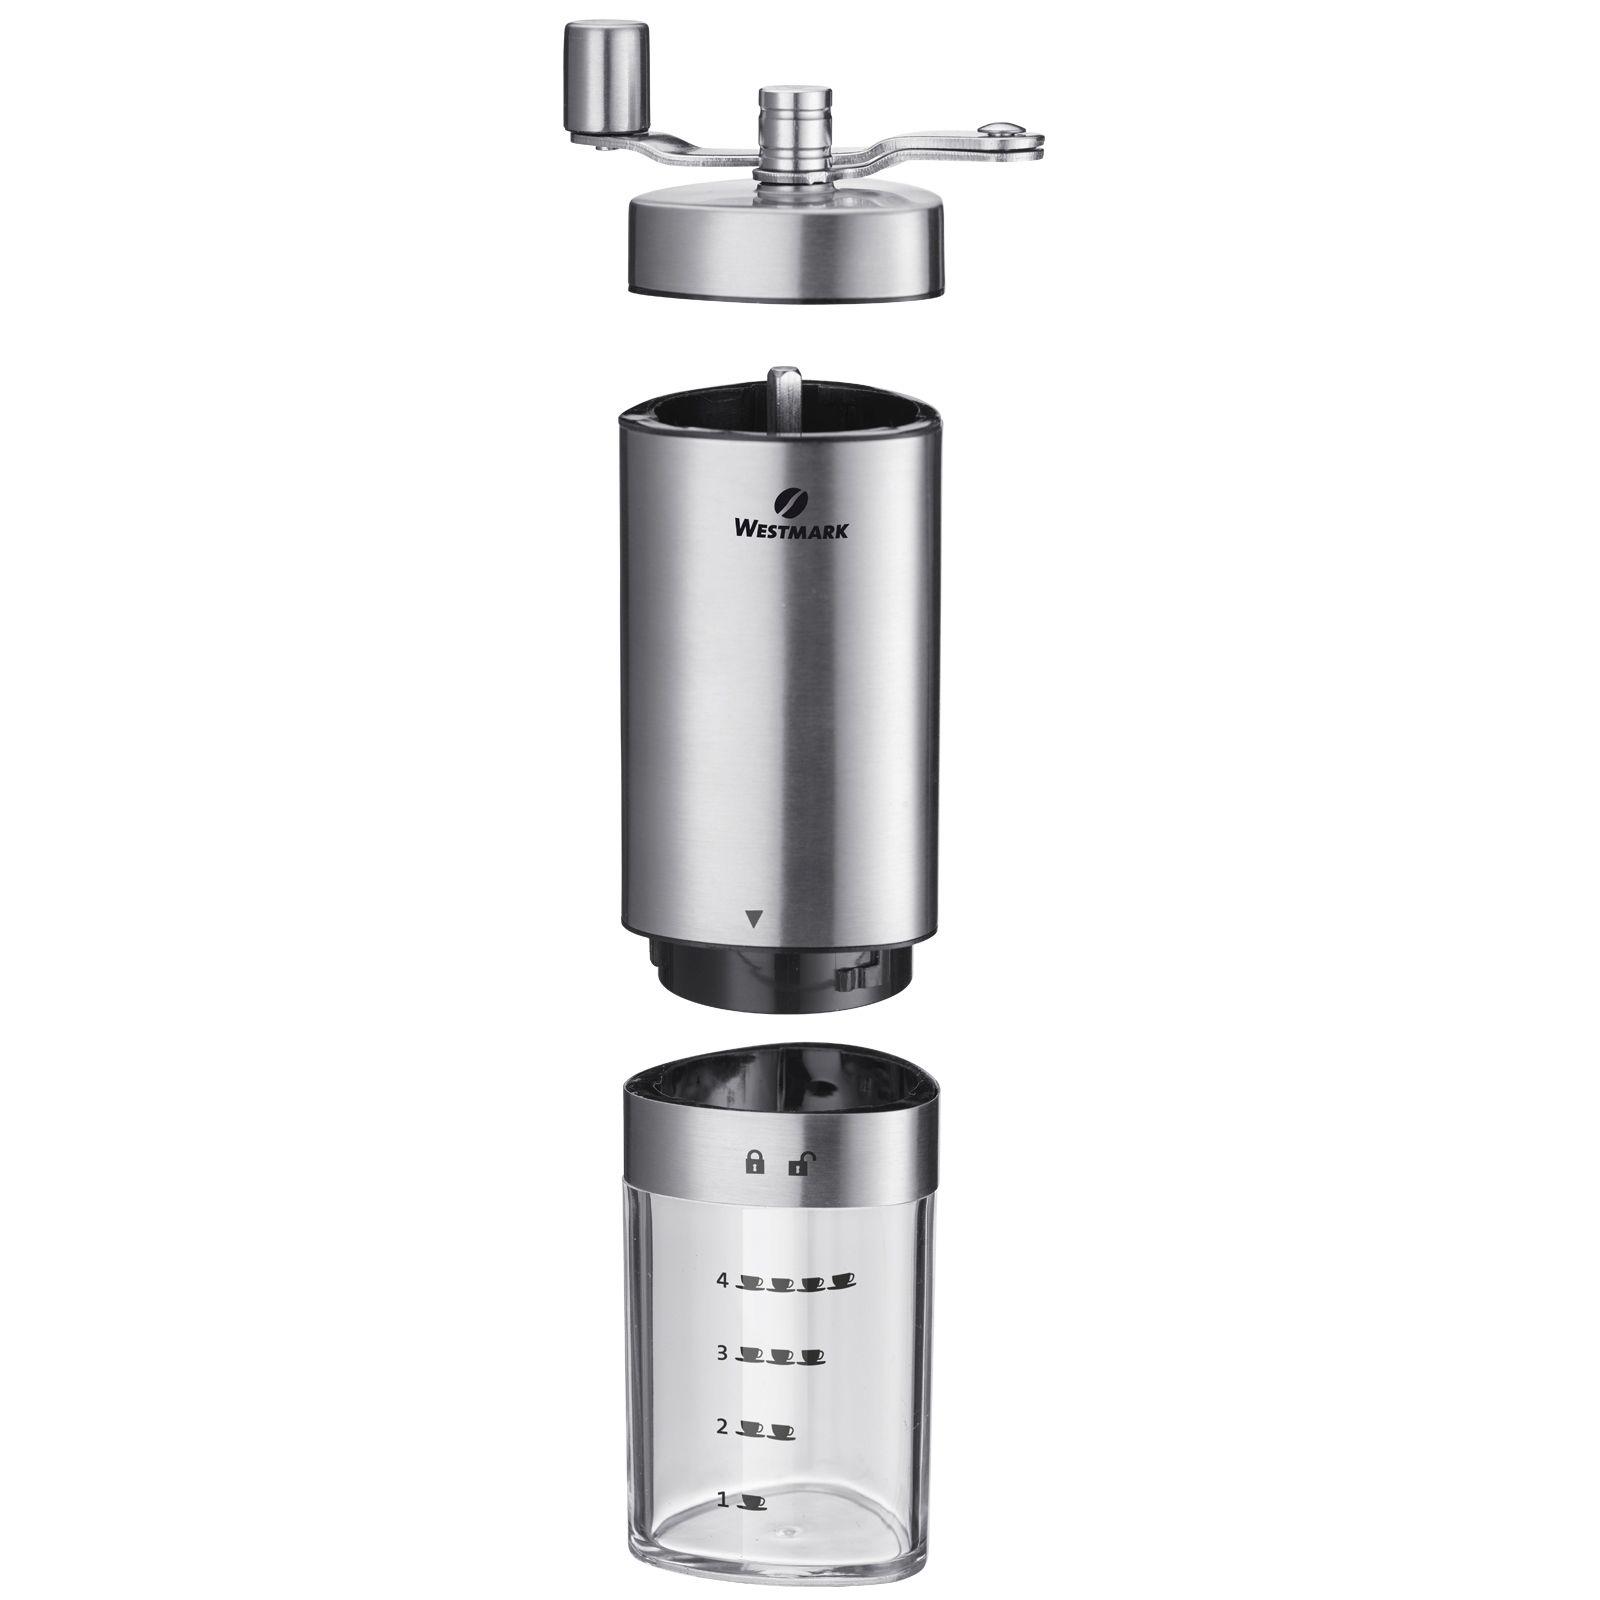 WESTMARK Kaffeemühle Brasilia Handmühle mit Edelstahlgehäuse